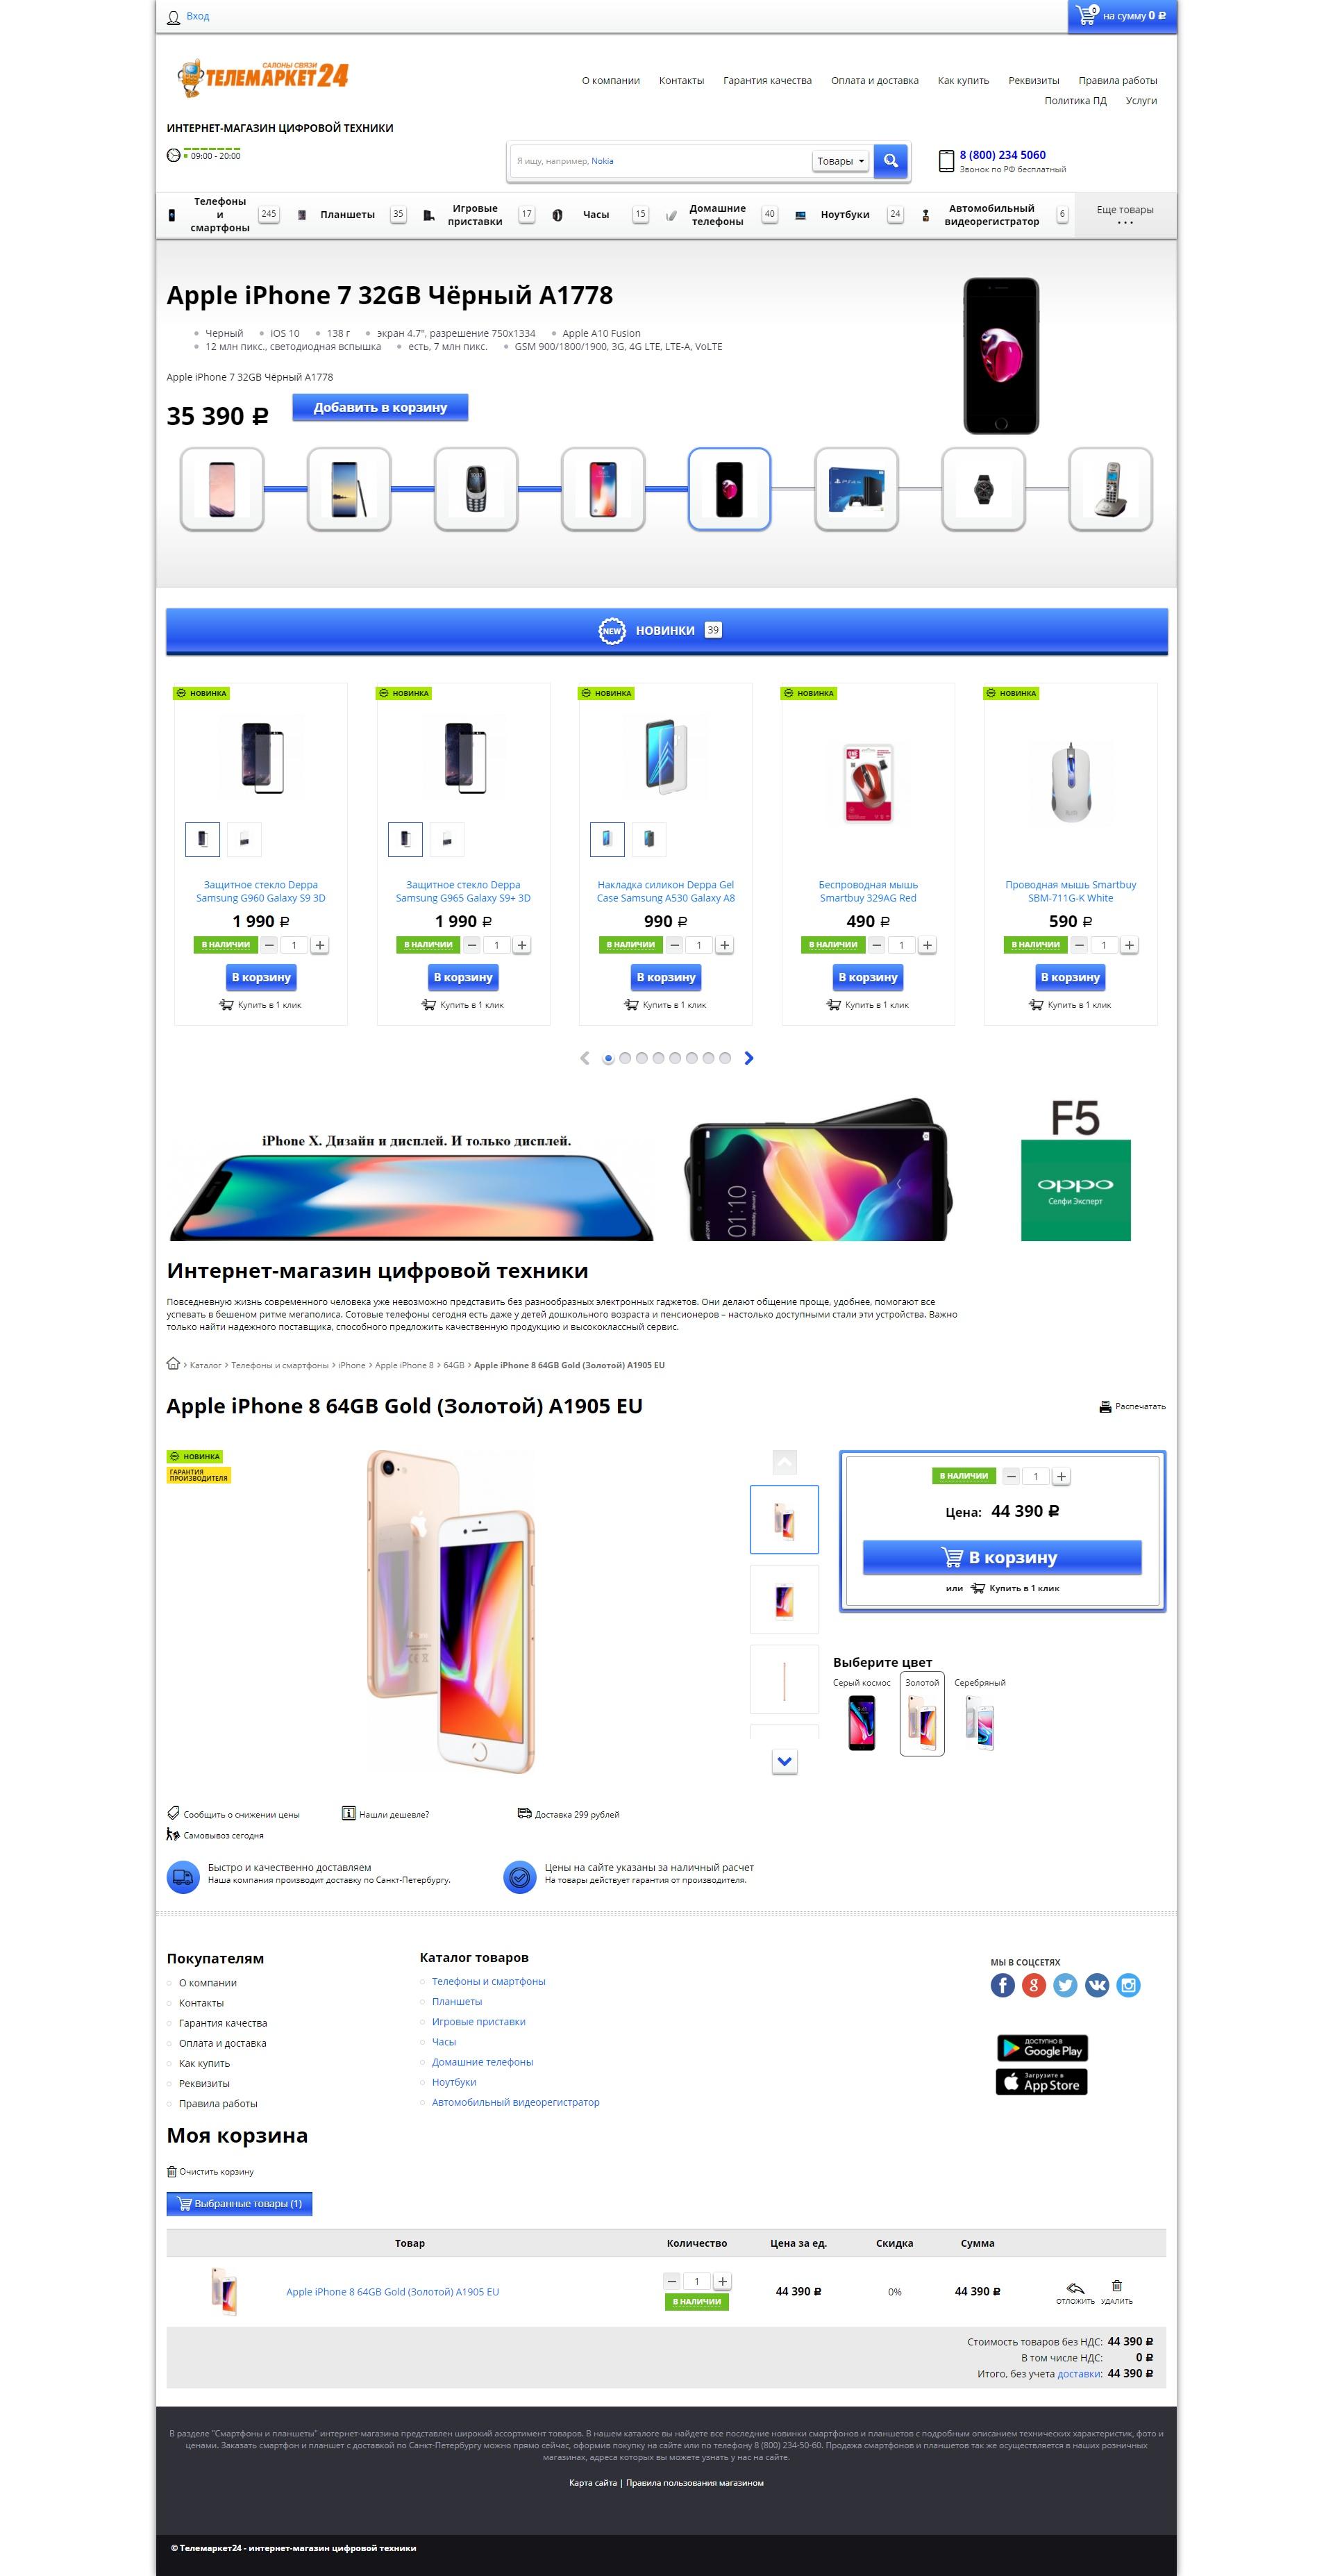 8e522f4a51e0a Интернет-магазин «Телемаркет24» кто создал - Extyl-PRO. Создание ...